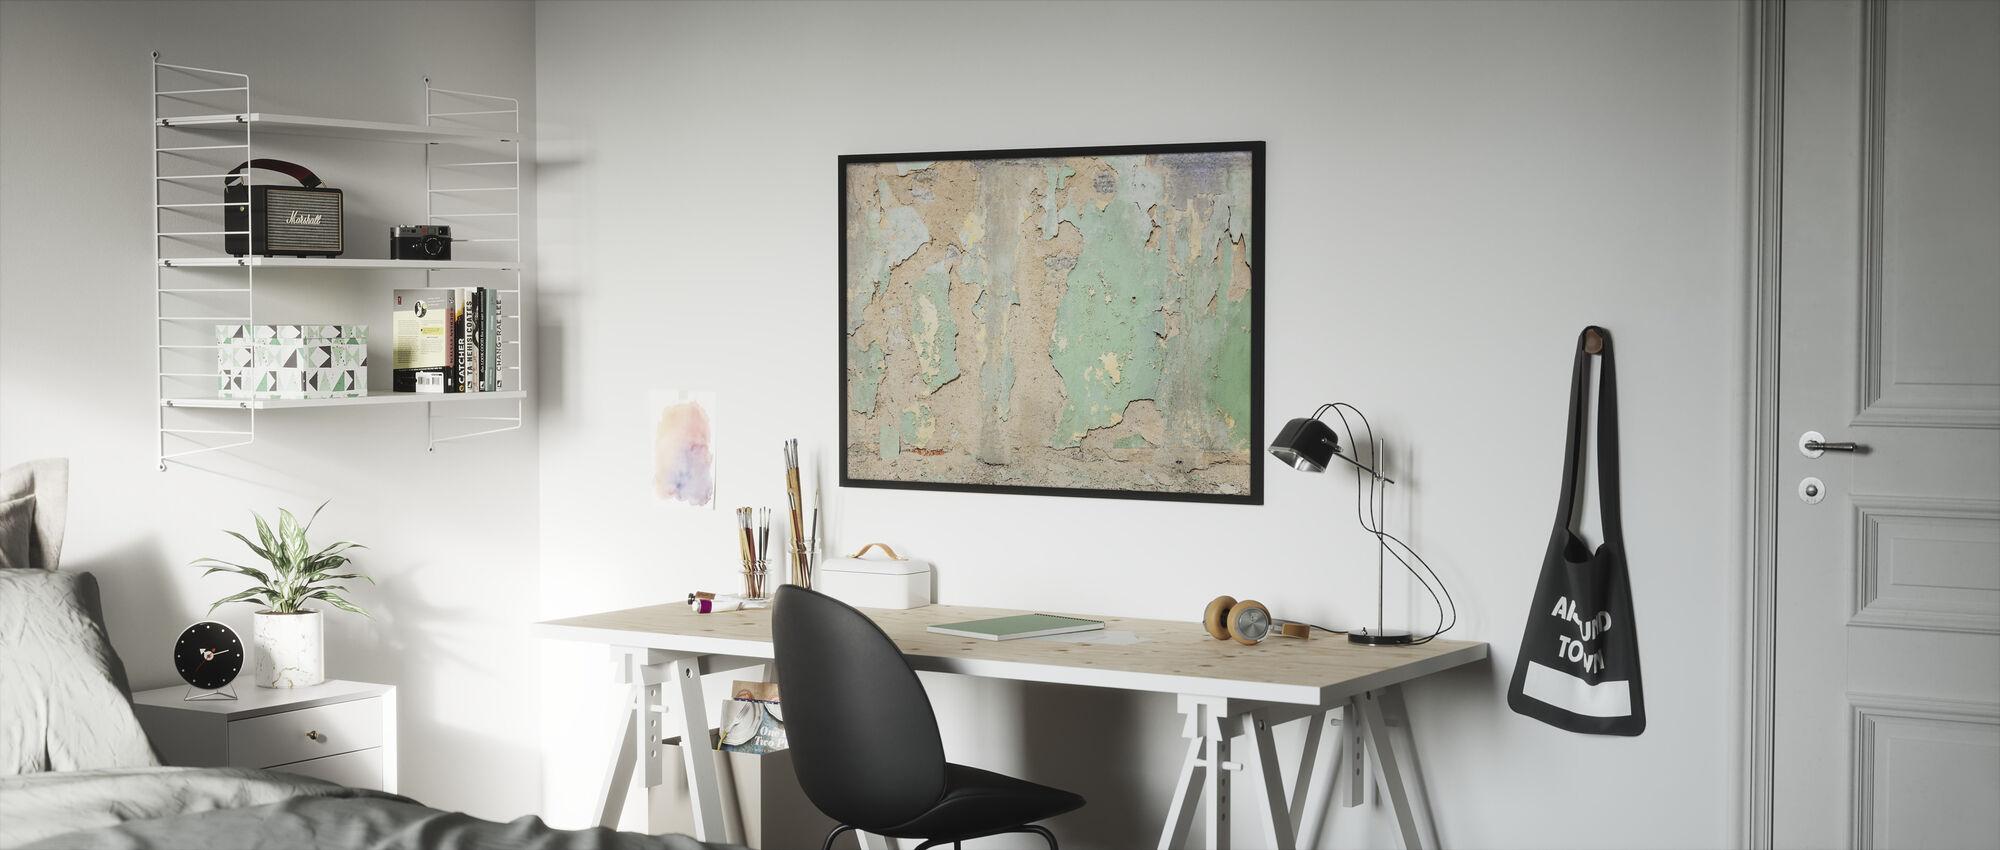 Worned Out Wallpaper - Framed print - Kids Room